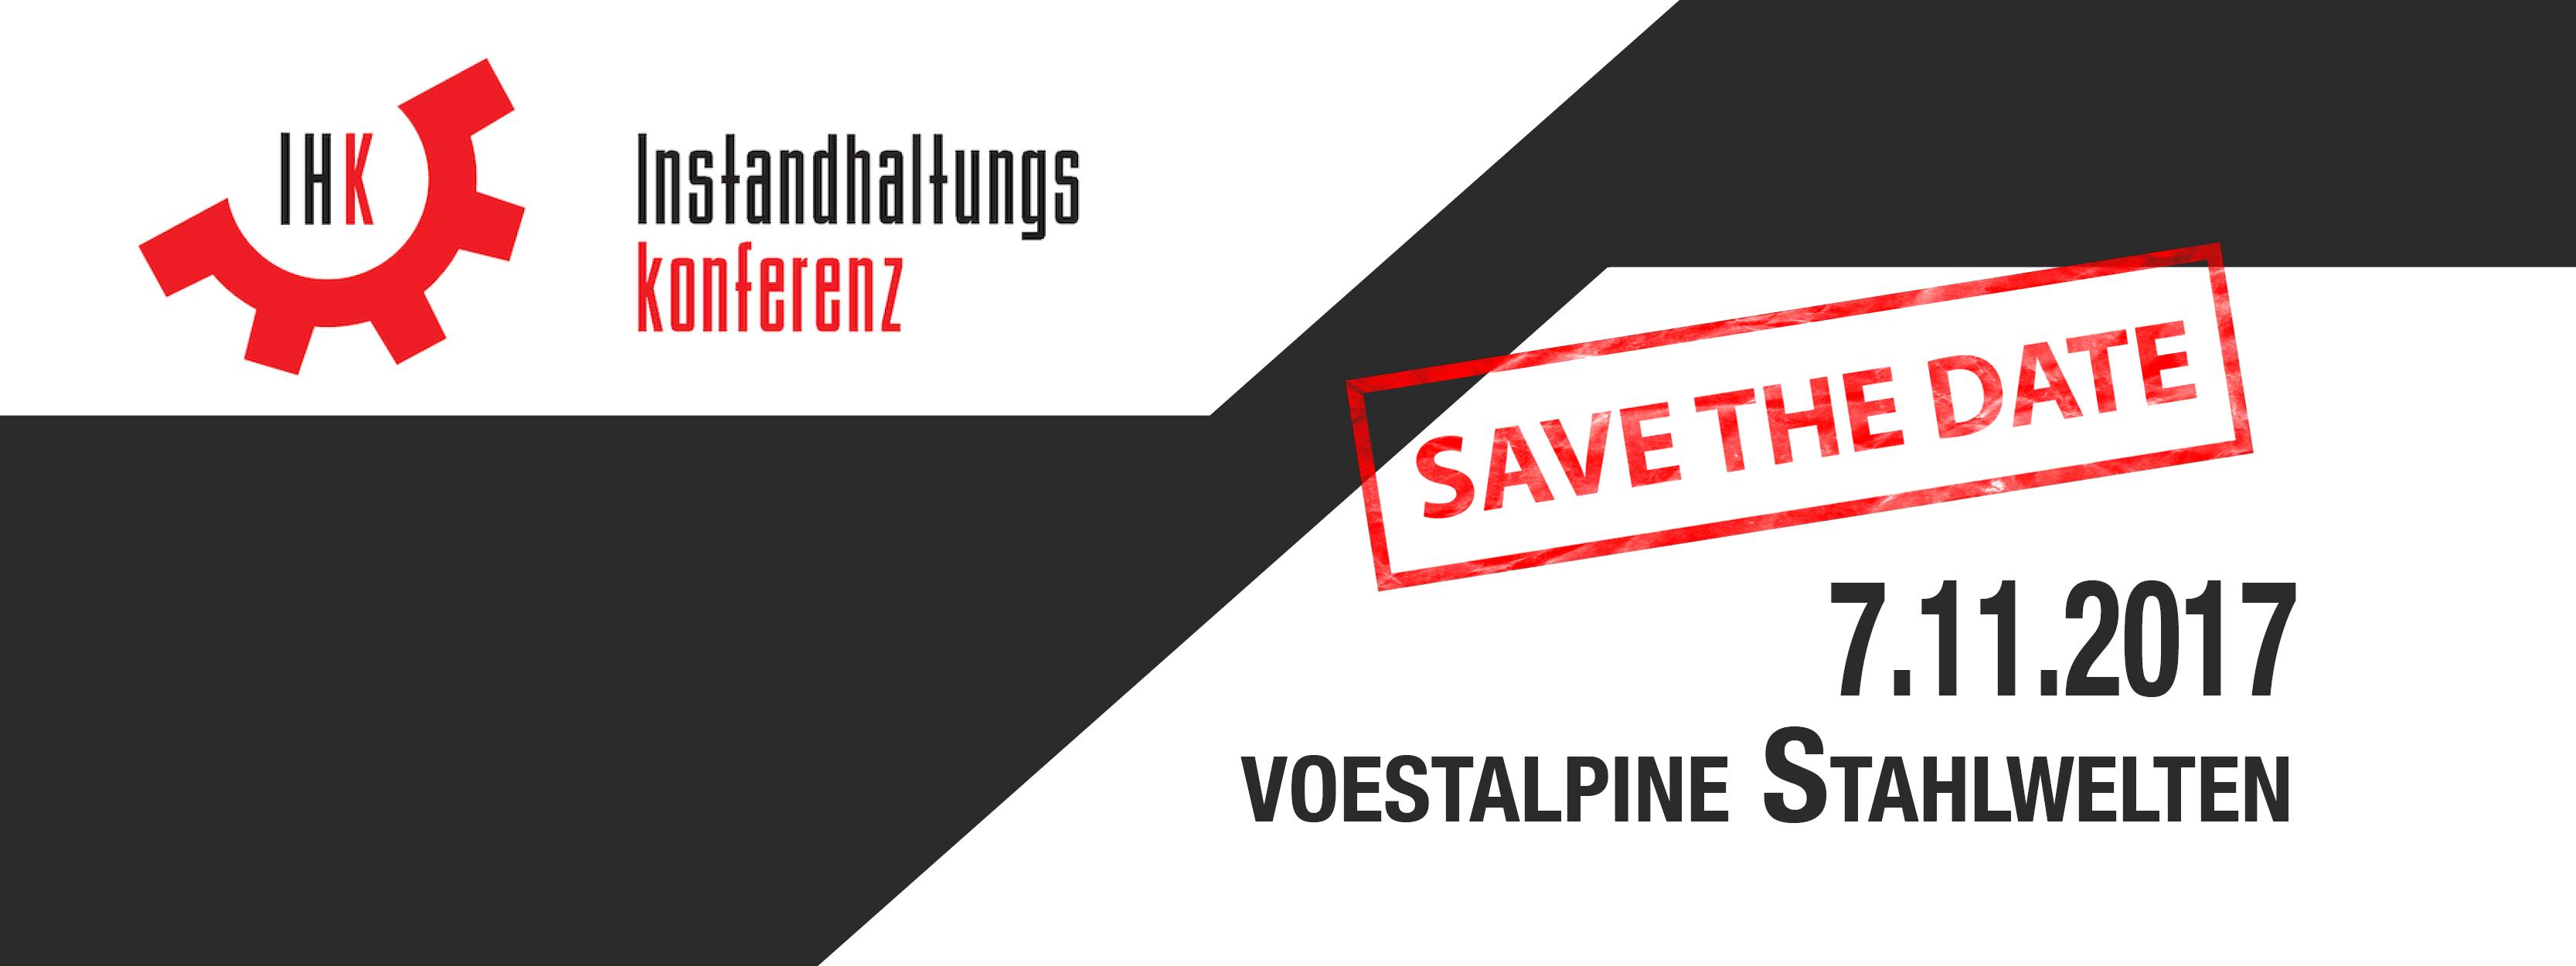 Instandhaltungskonferenz, voestalpine Stahl, Linz, dankl+partner, industriemagazin Verlag, Factory, MFA